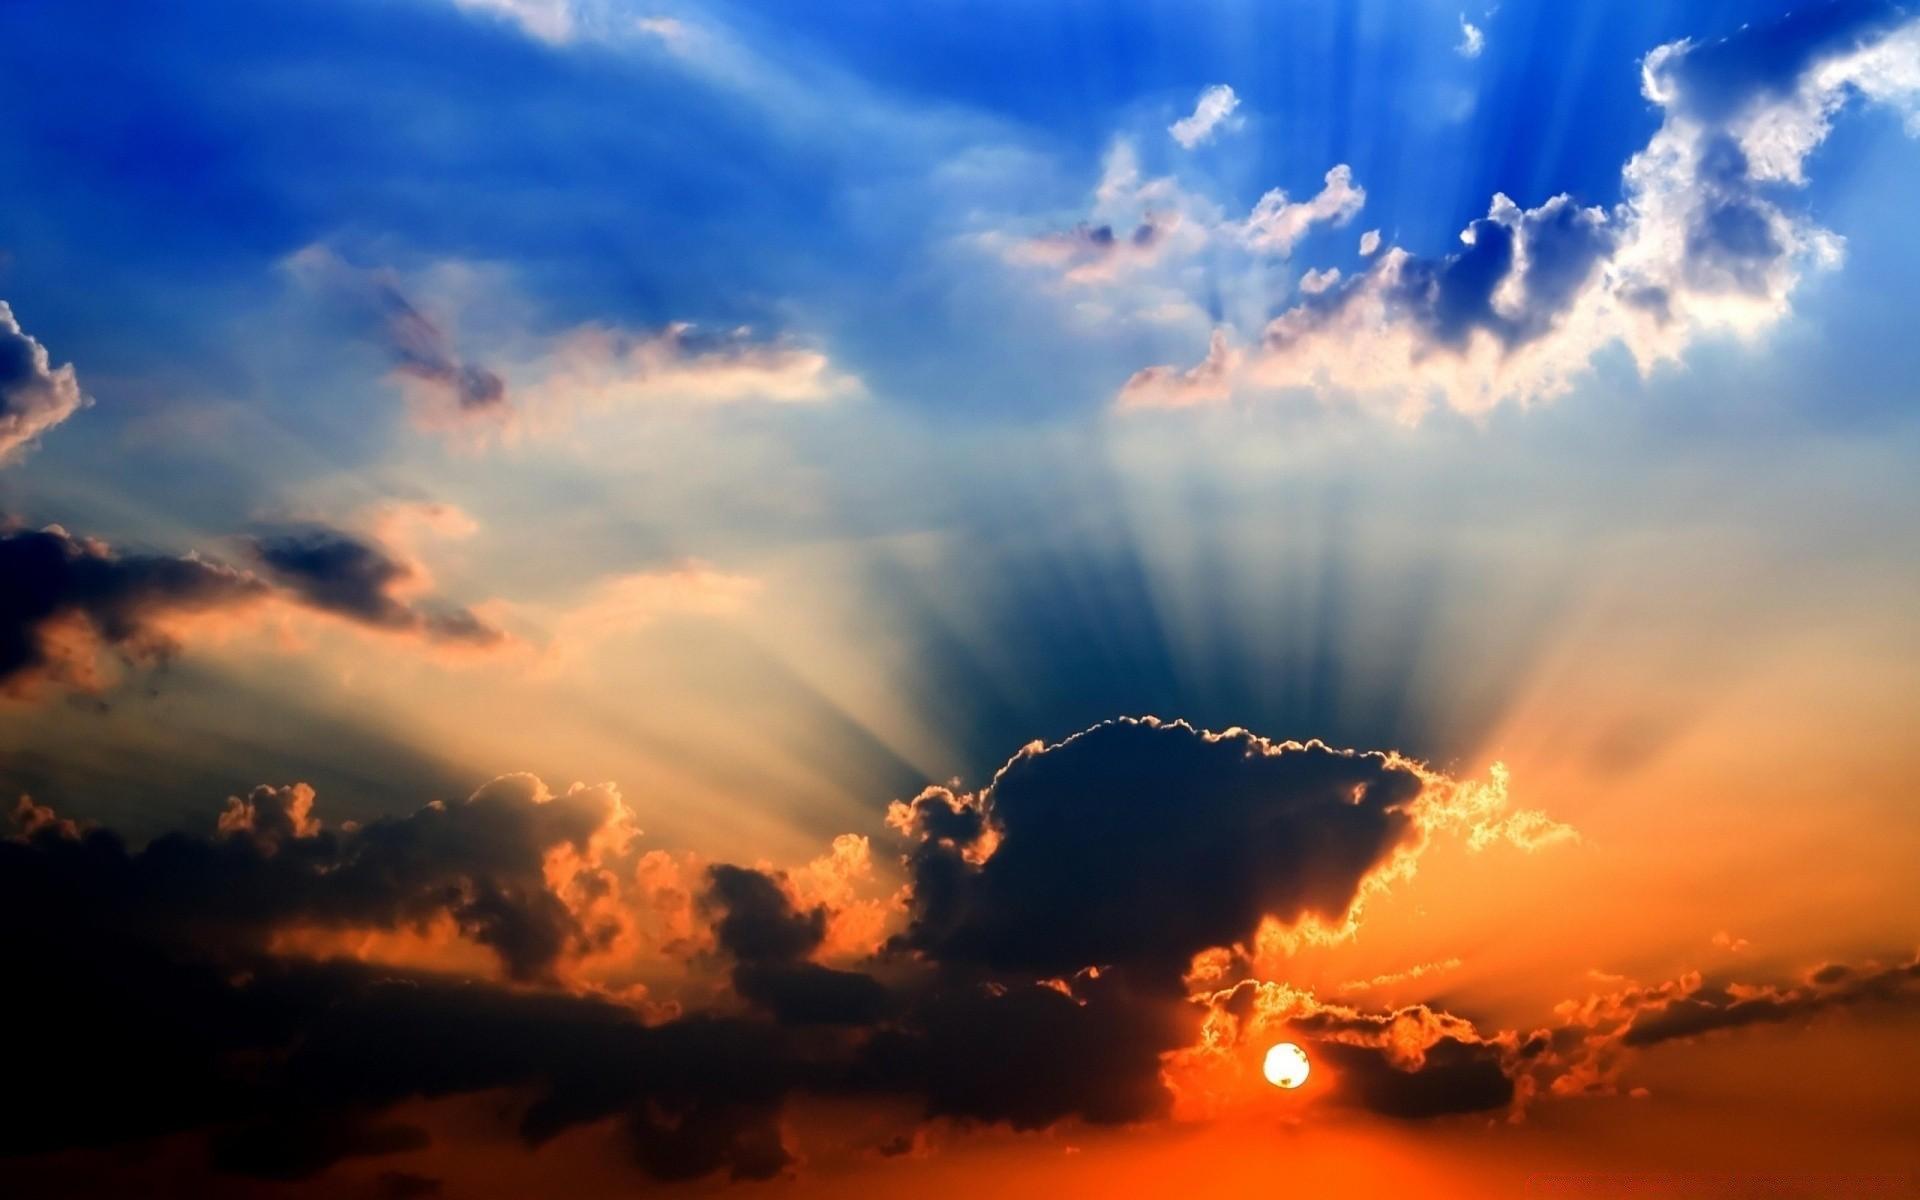 небесные фотографии и картинки